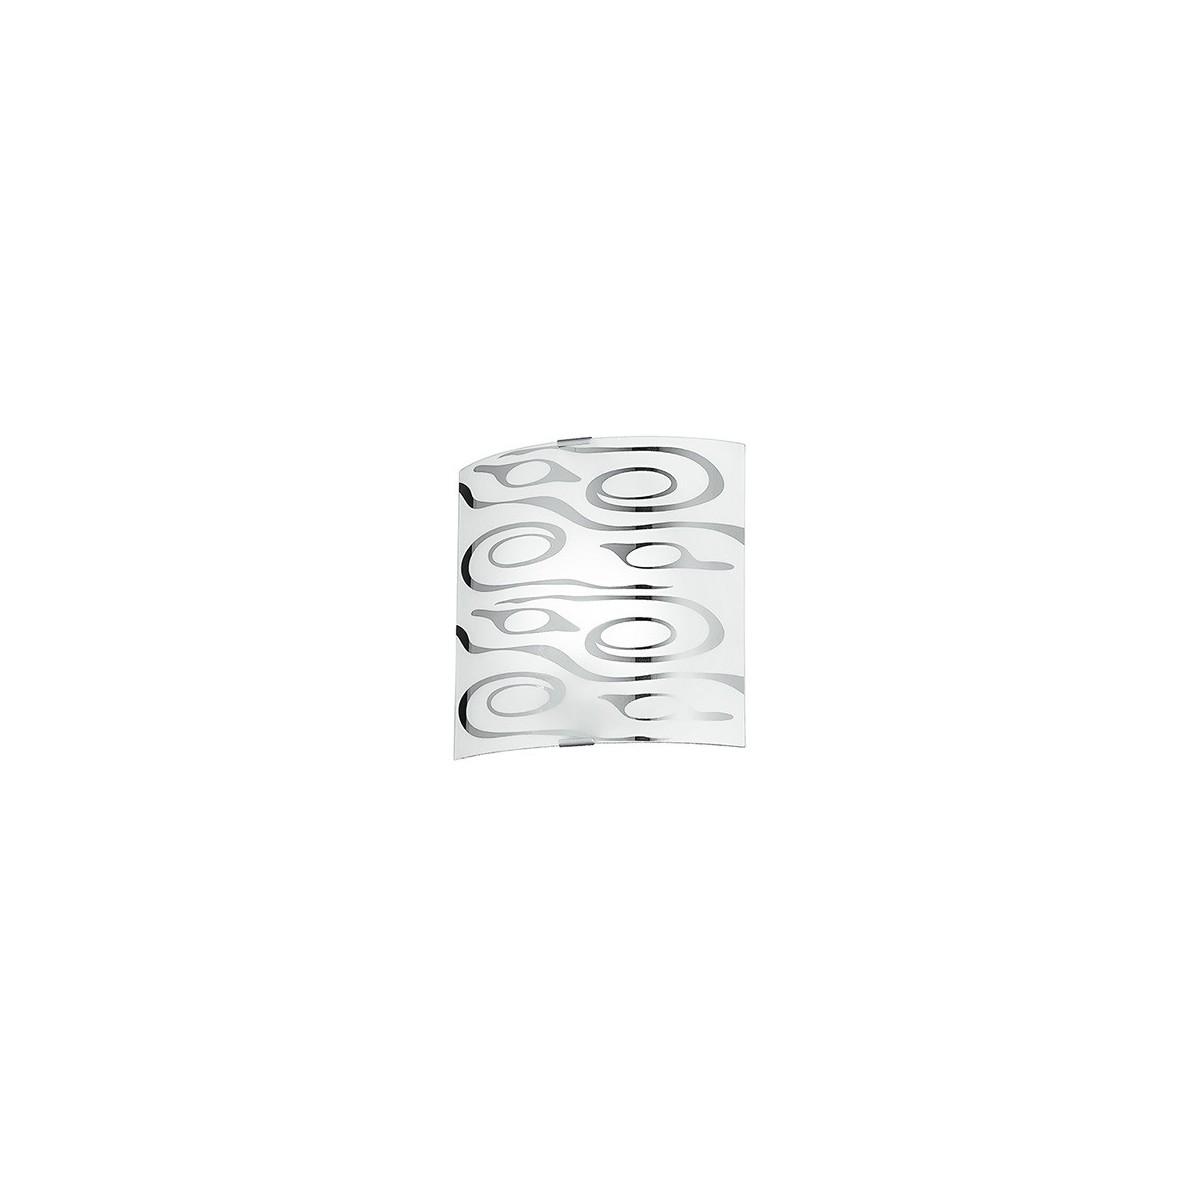 I-SOUND / AP - Applique murale carrée moderne en verre blanc, décoration abstraite en chrome, intérieur moderne E27